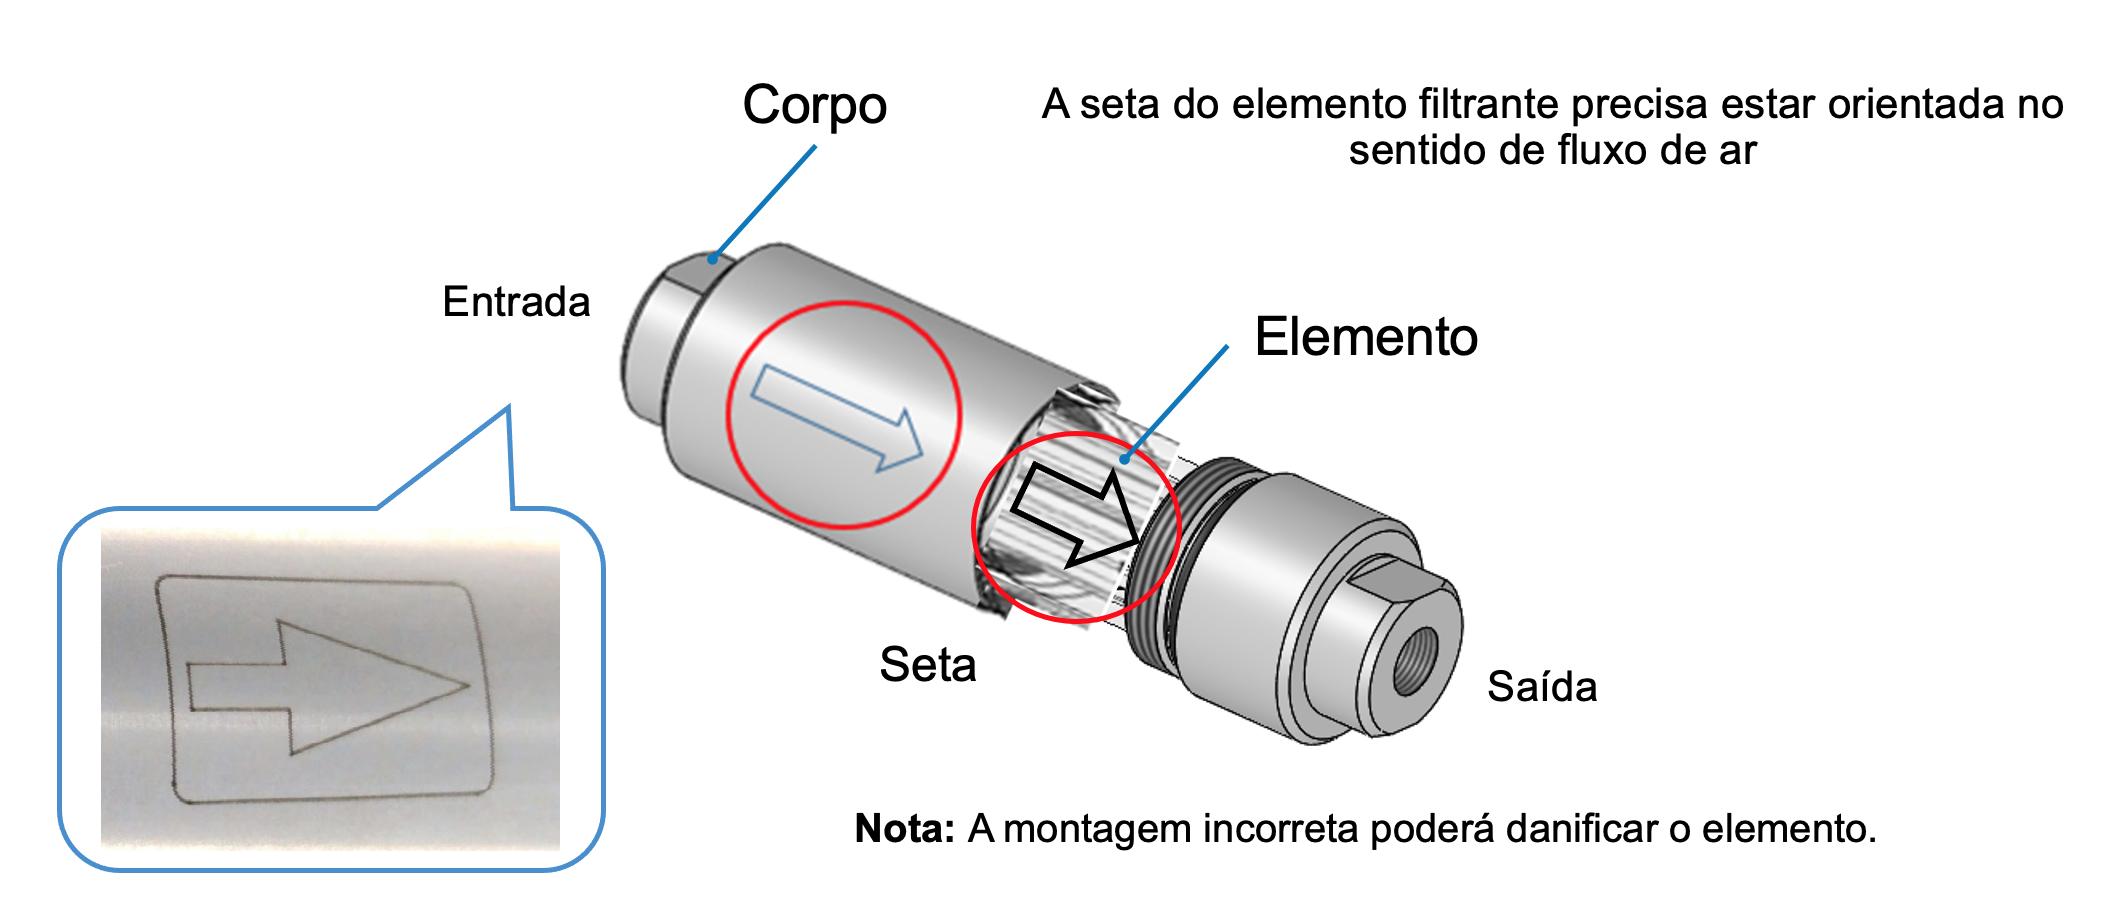 Cuidados ao substituir o elemento SFDA   SMC